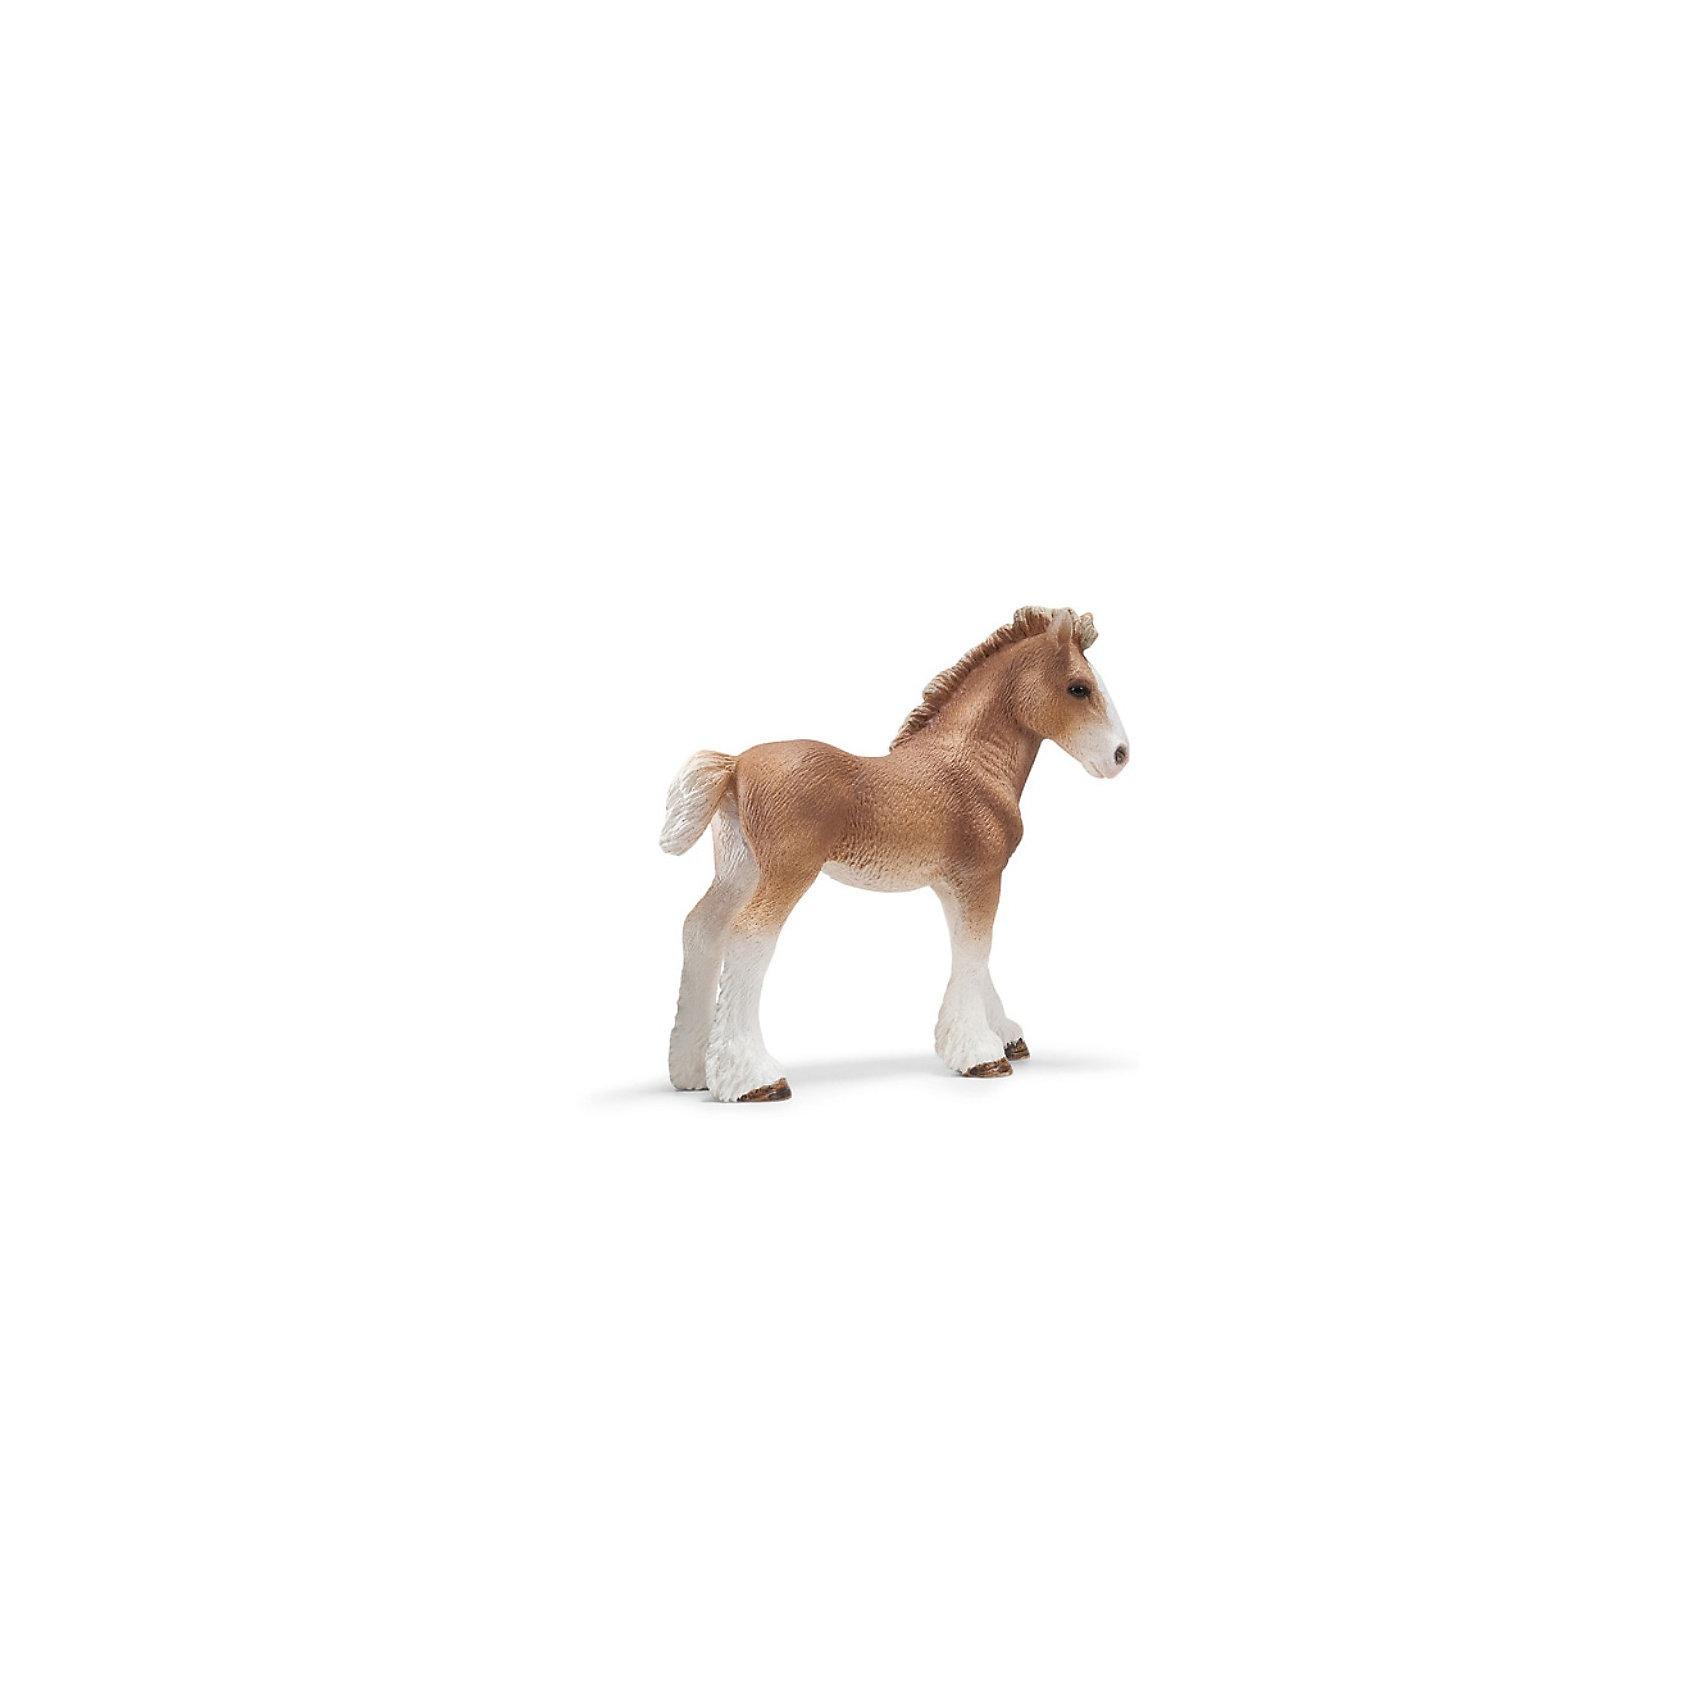 Schleich Schleich Жеребенок клейдесдальской породы. Серия Лошади бычки казахской белоголовой породы